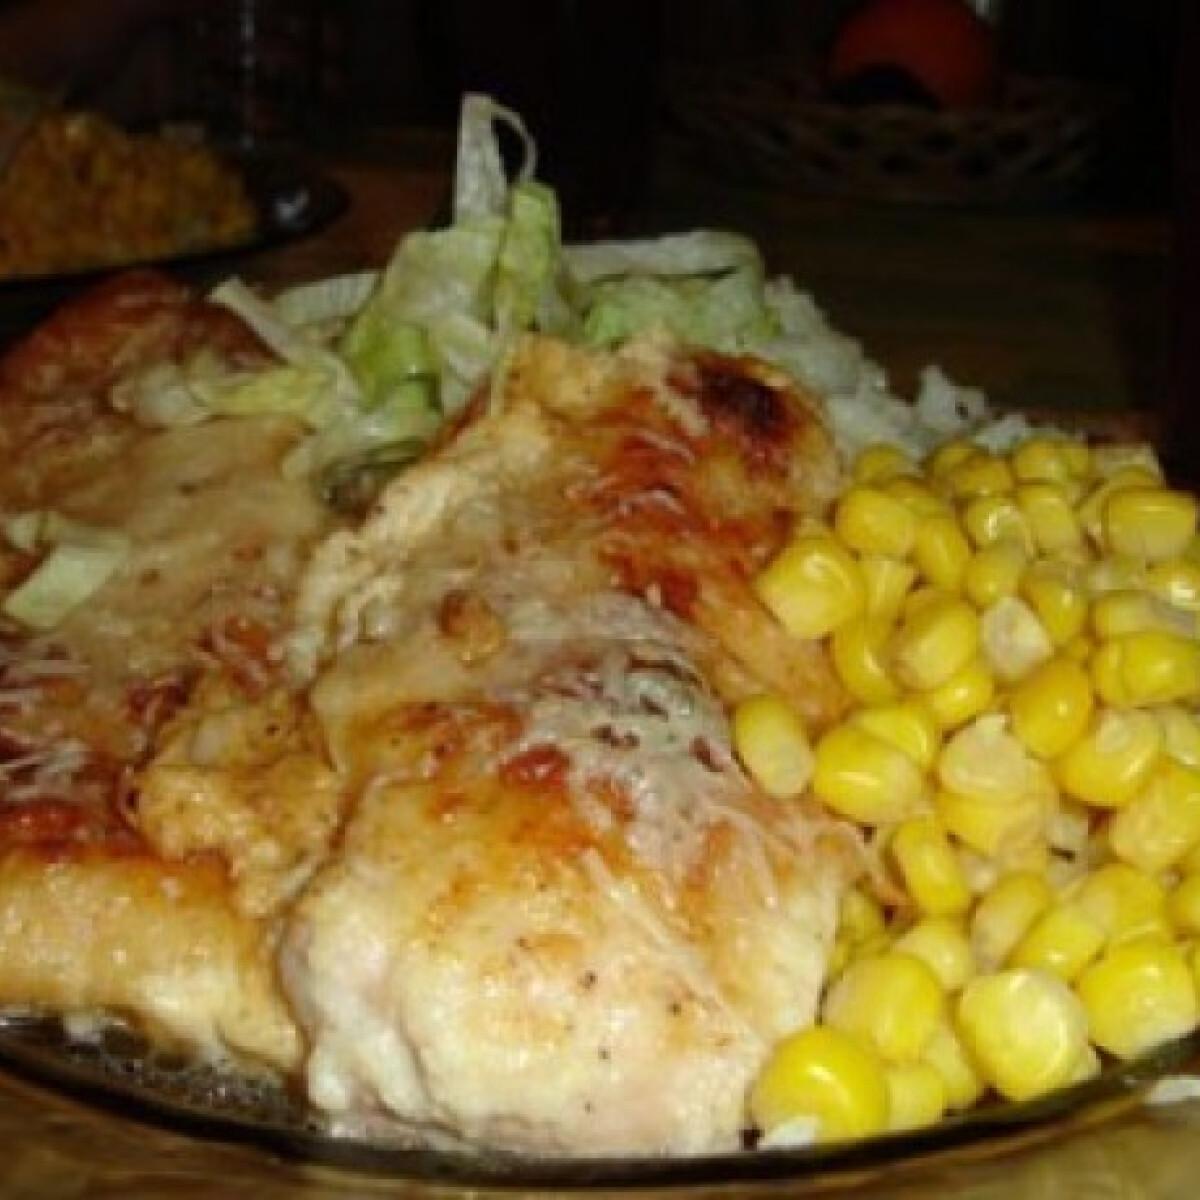 Tepsiben sült csirke sajtpanírban